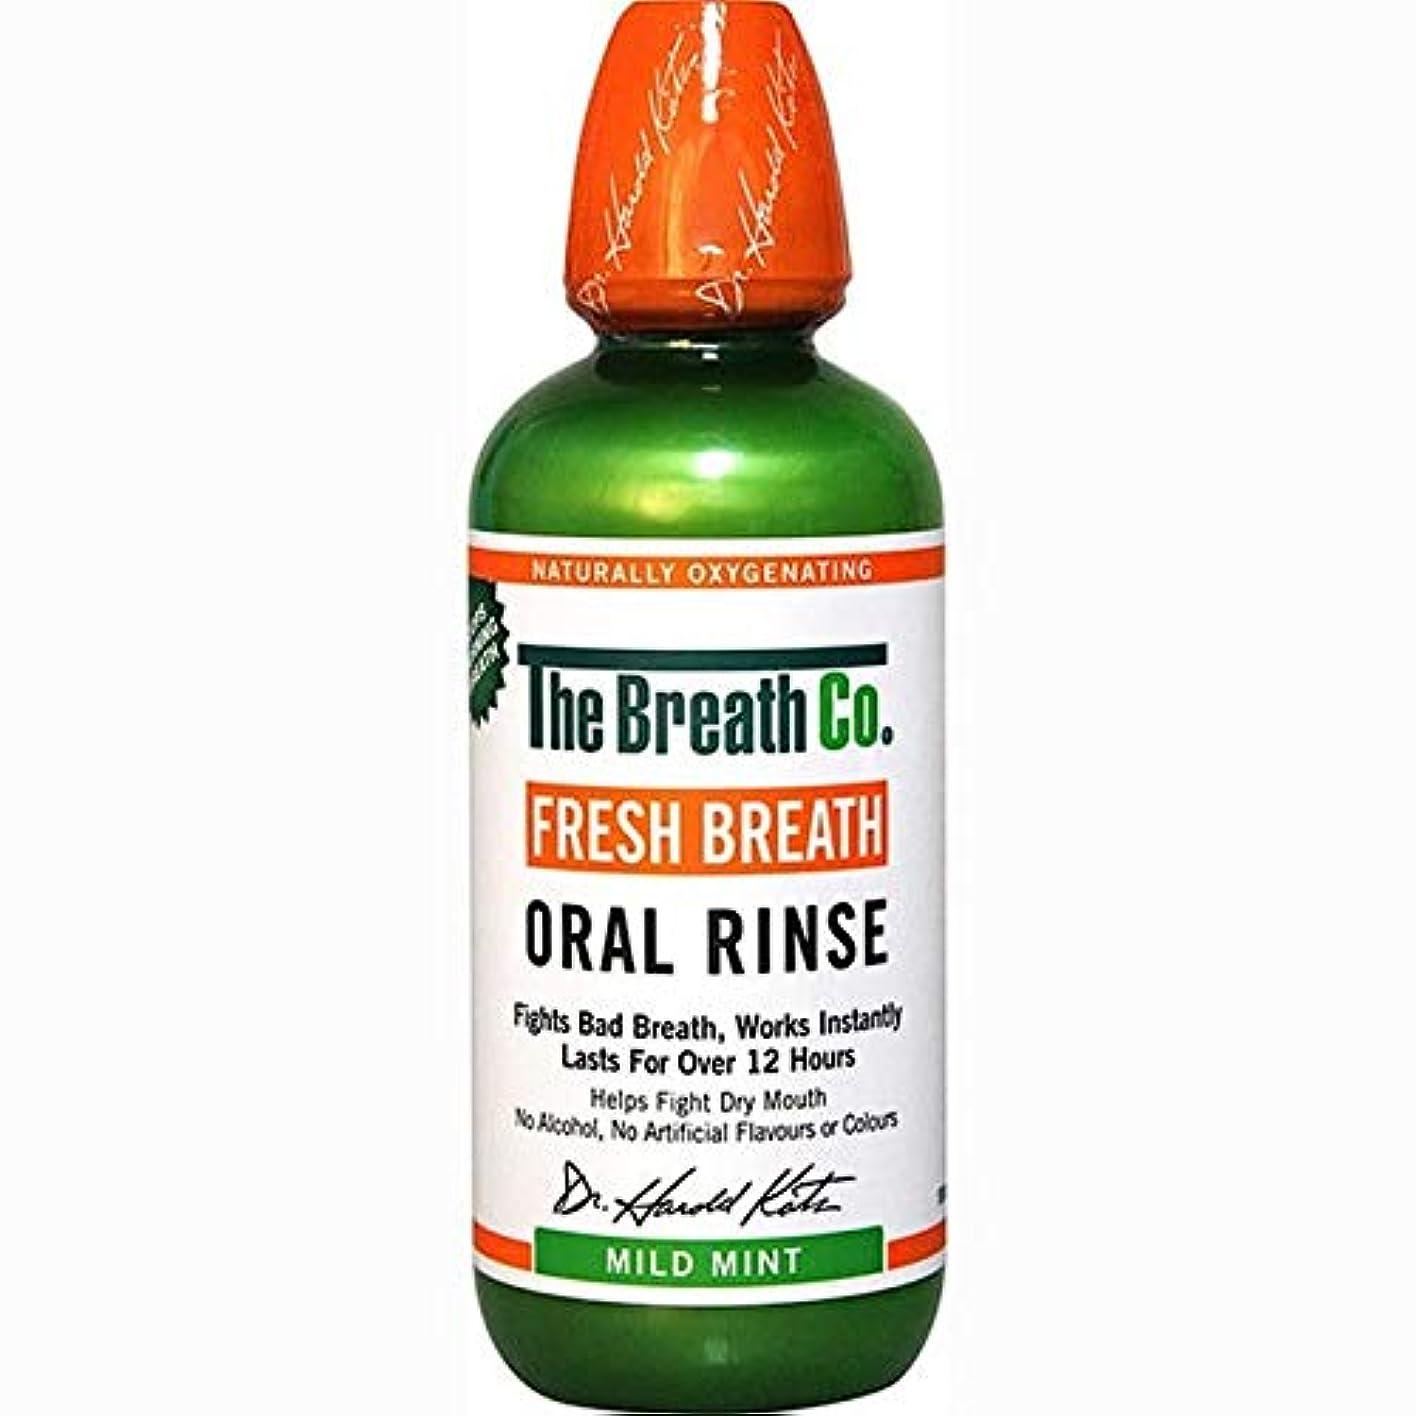 レッスン推定返還[The Breath Co] 息のCo新鮮な息口腔リンスマイルドミント500ミリリットル - The Breath Co Fresh Breath Oral Rinse Mild Mint 500ml [並行輸入品]